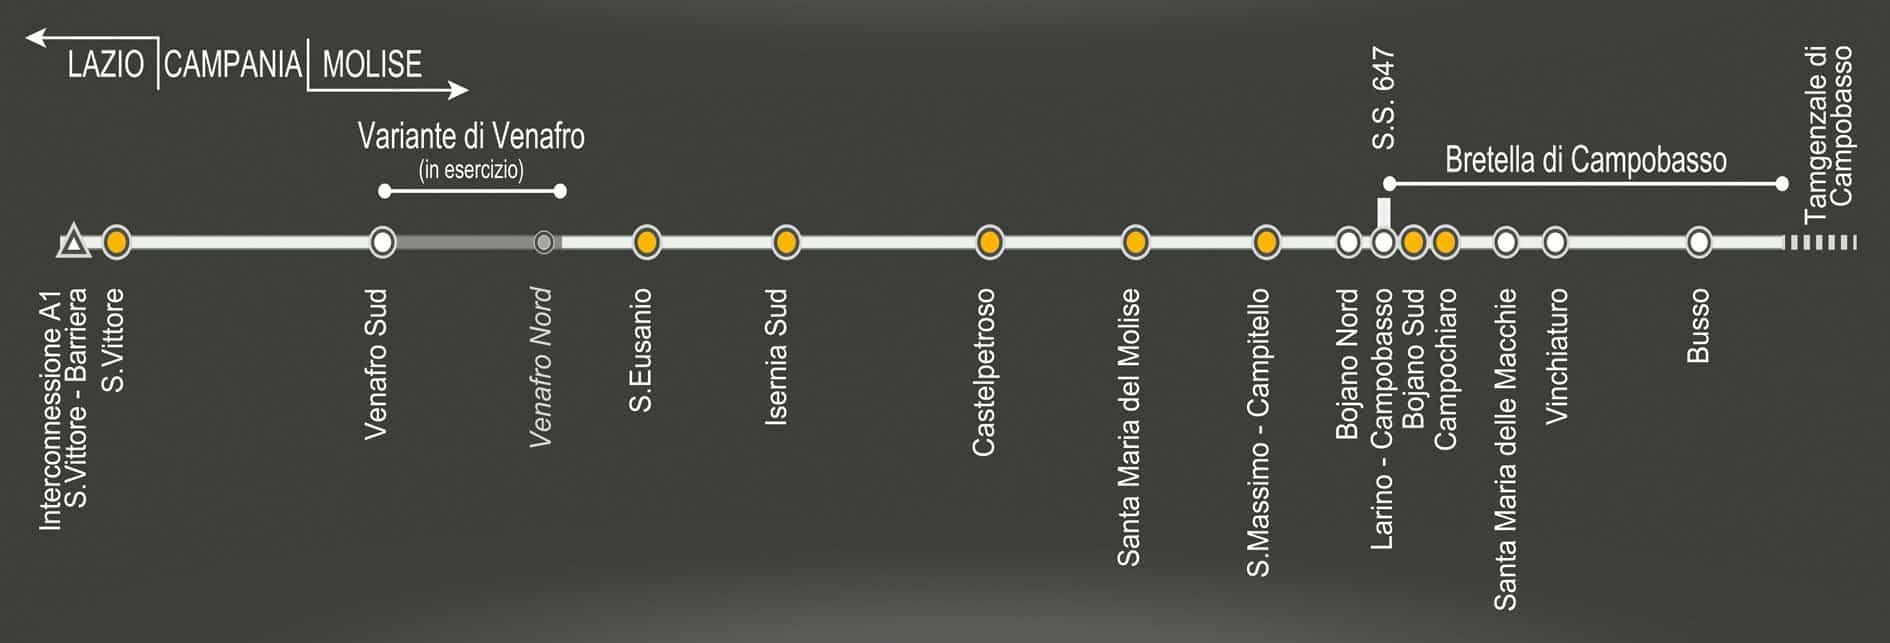 Il tracciato ha uno sviluppo complessivo di circa 82 km